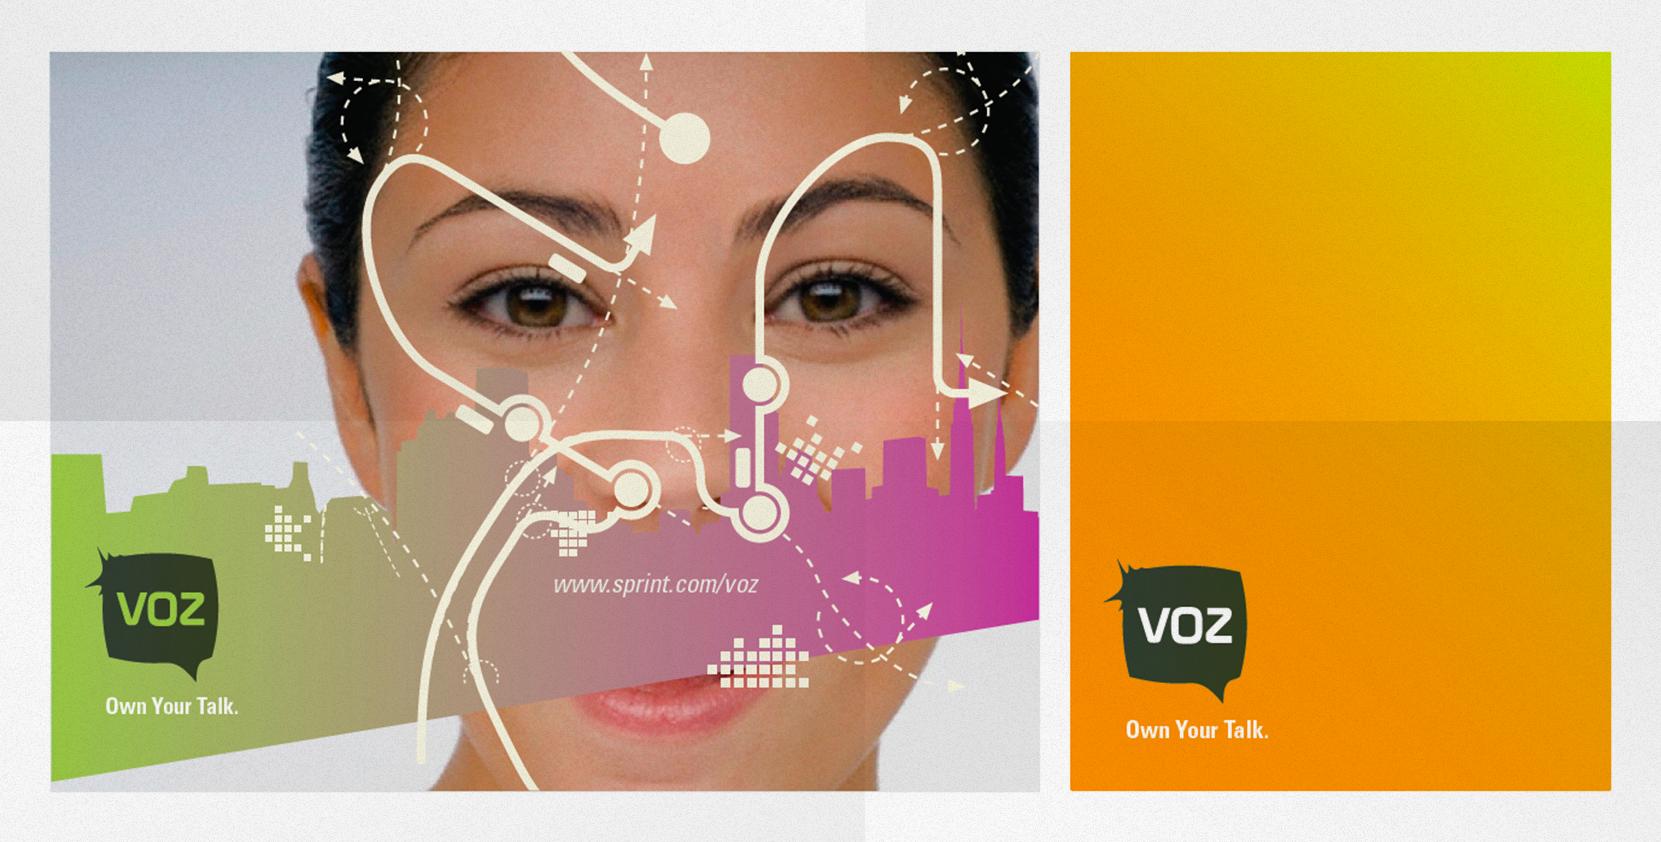 VOZ_2.png